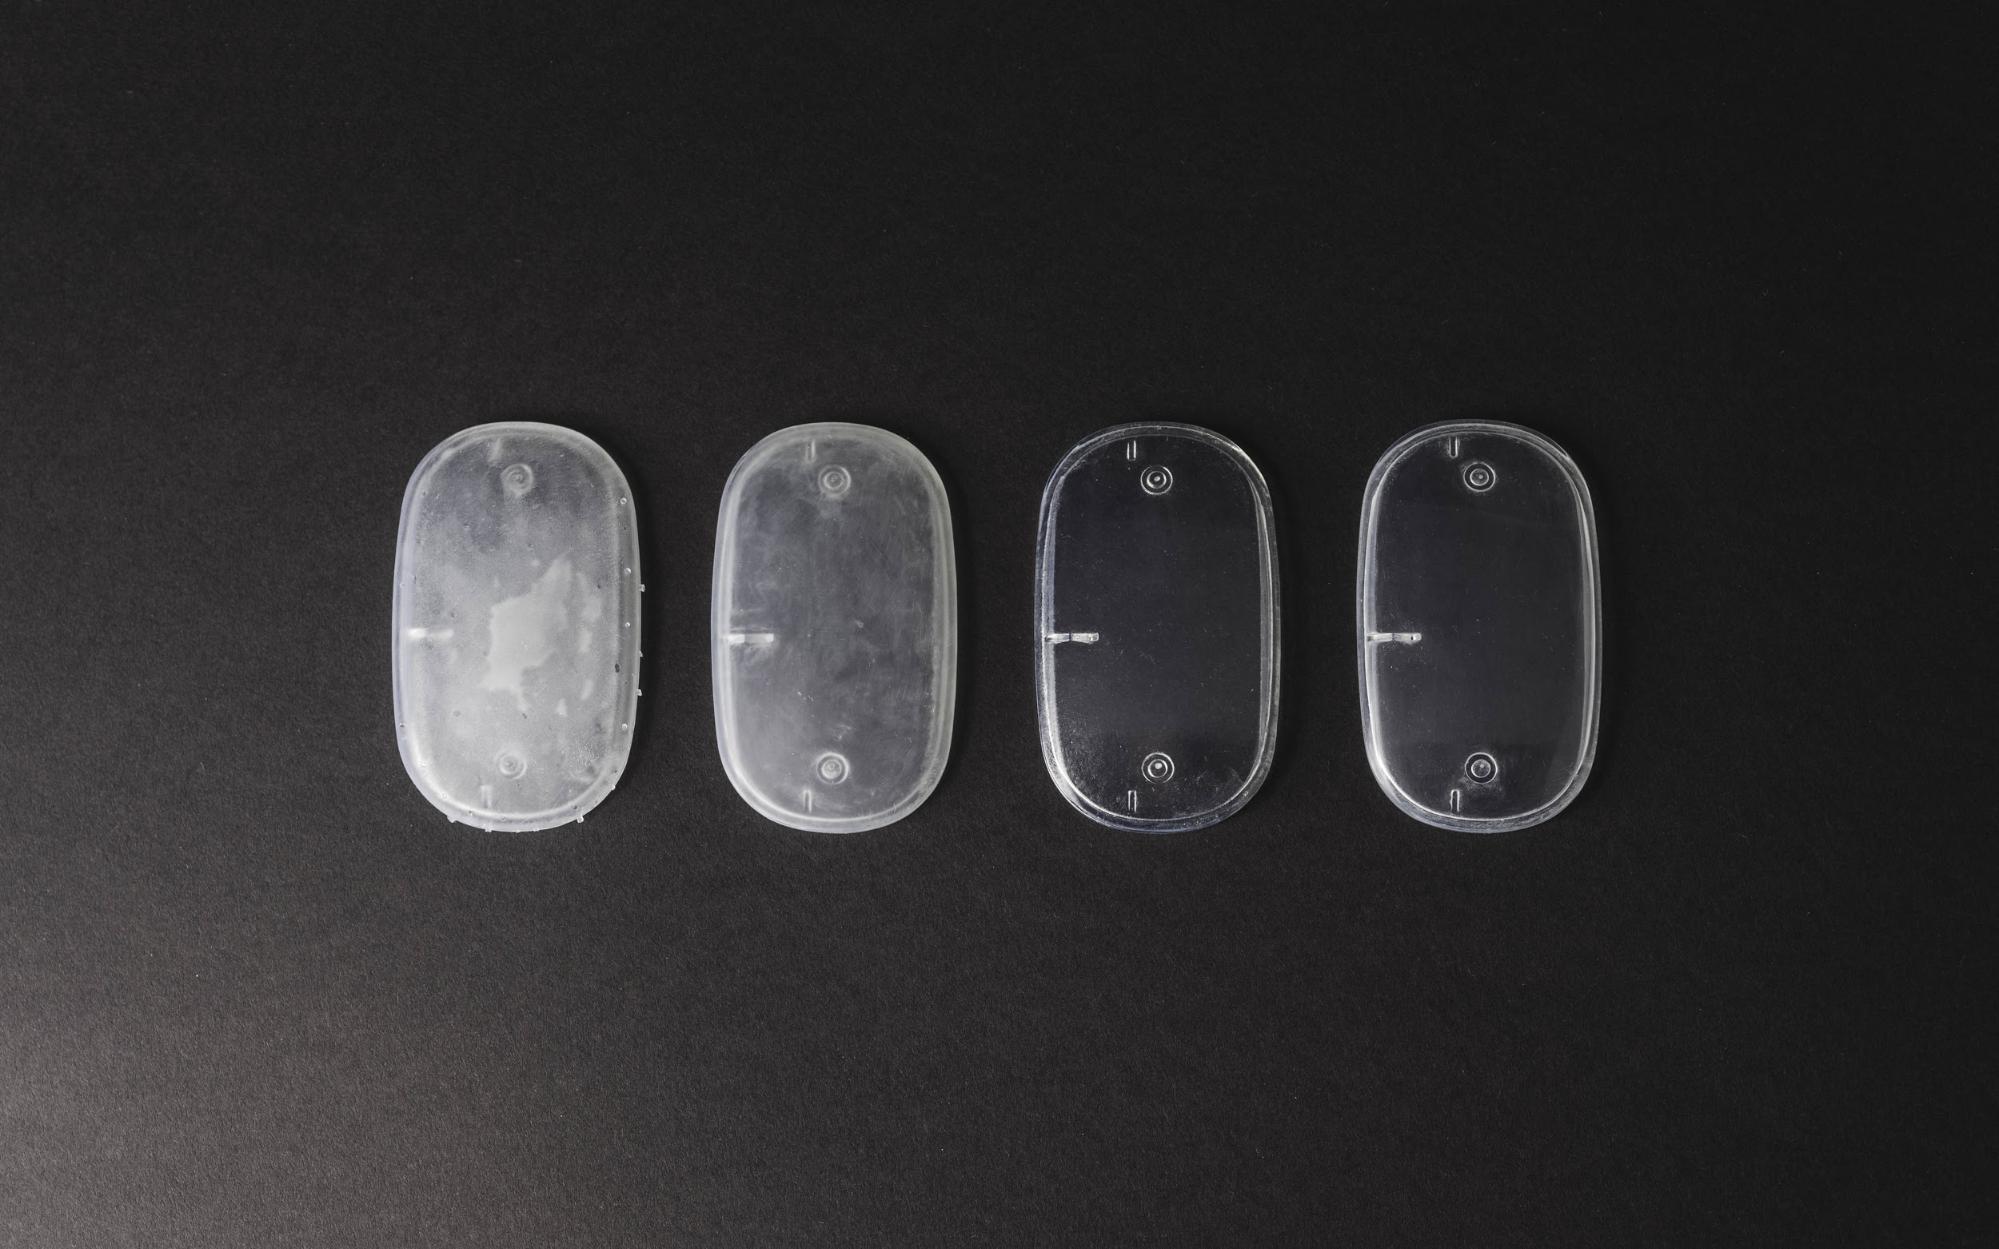 مراحل مختلف پرداخت و پست پروسس یک قطعه SLA شفاف. از چپ به راست: کندن دستی ساپورت ها ، سمباده تر، پوشش محافظ اکرلیک و پولیش.